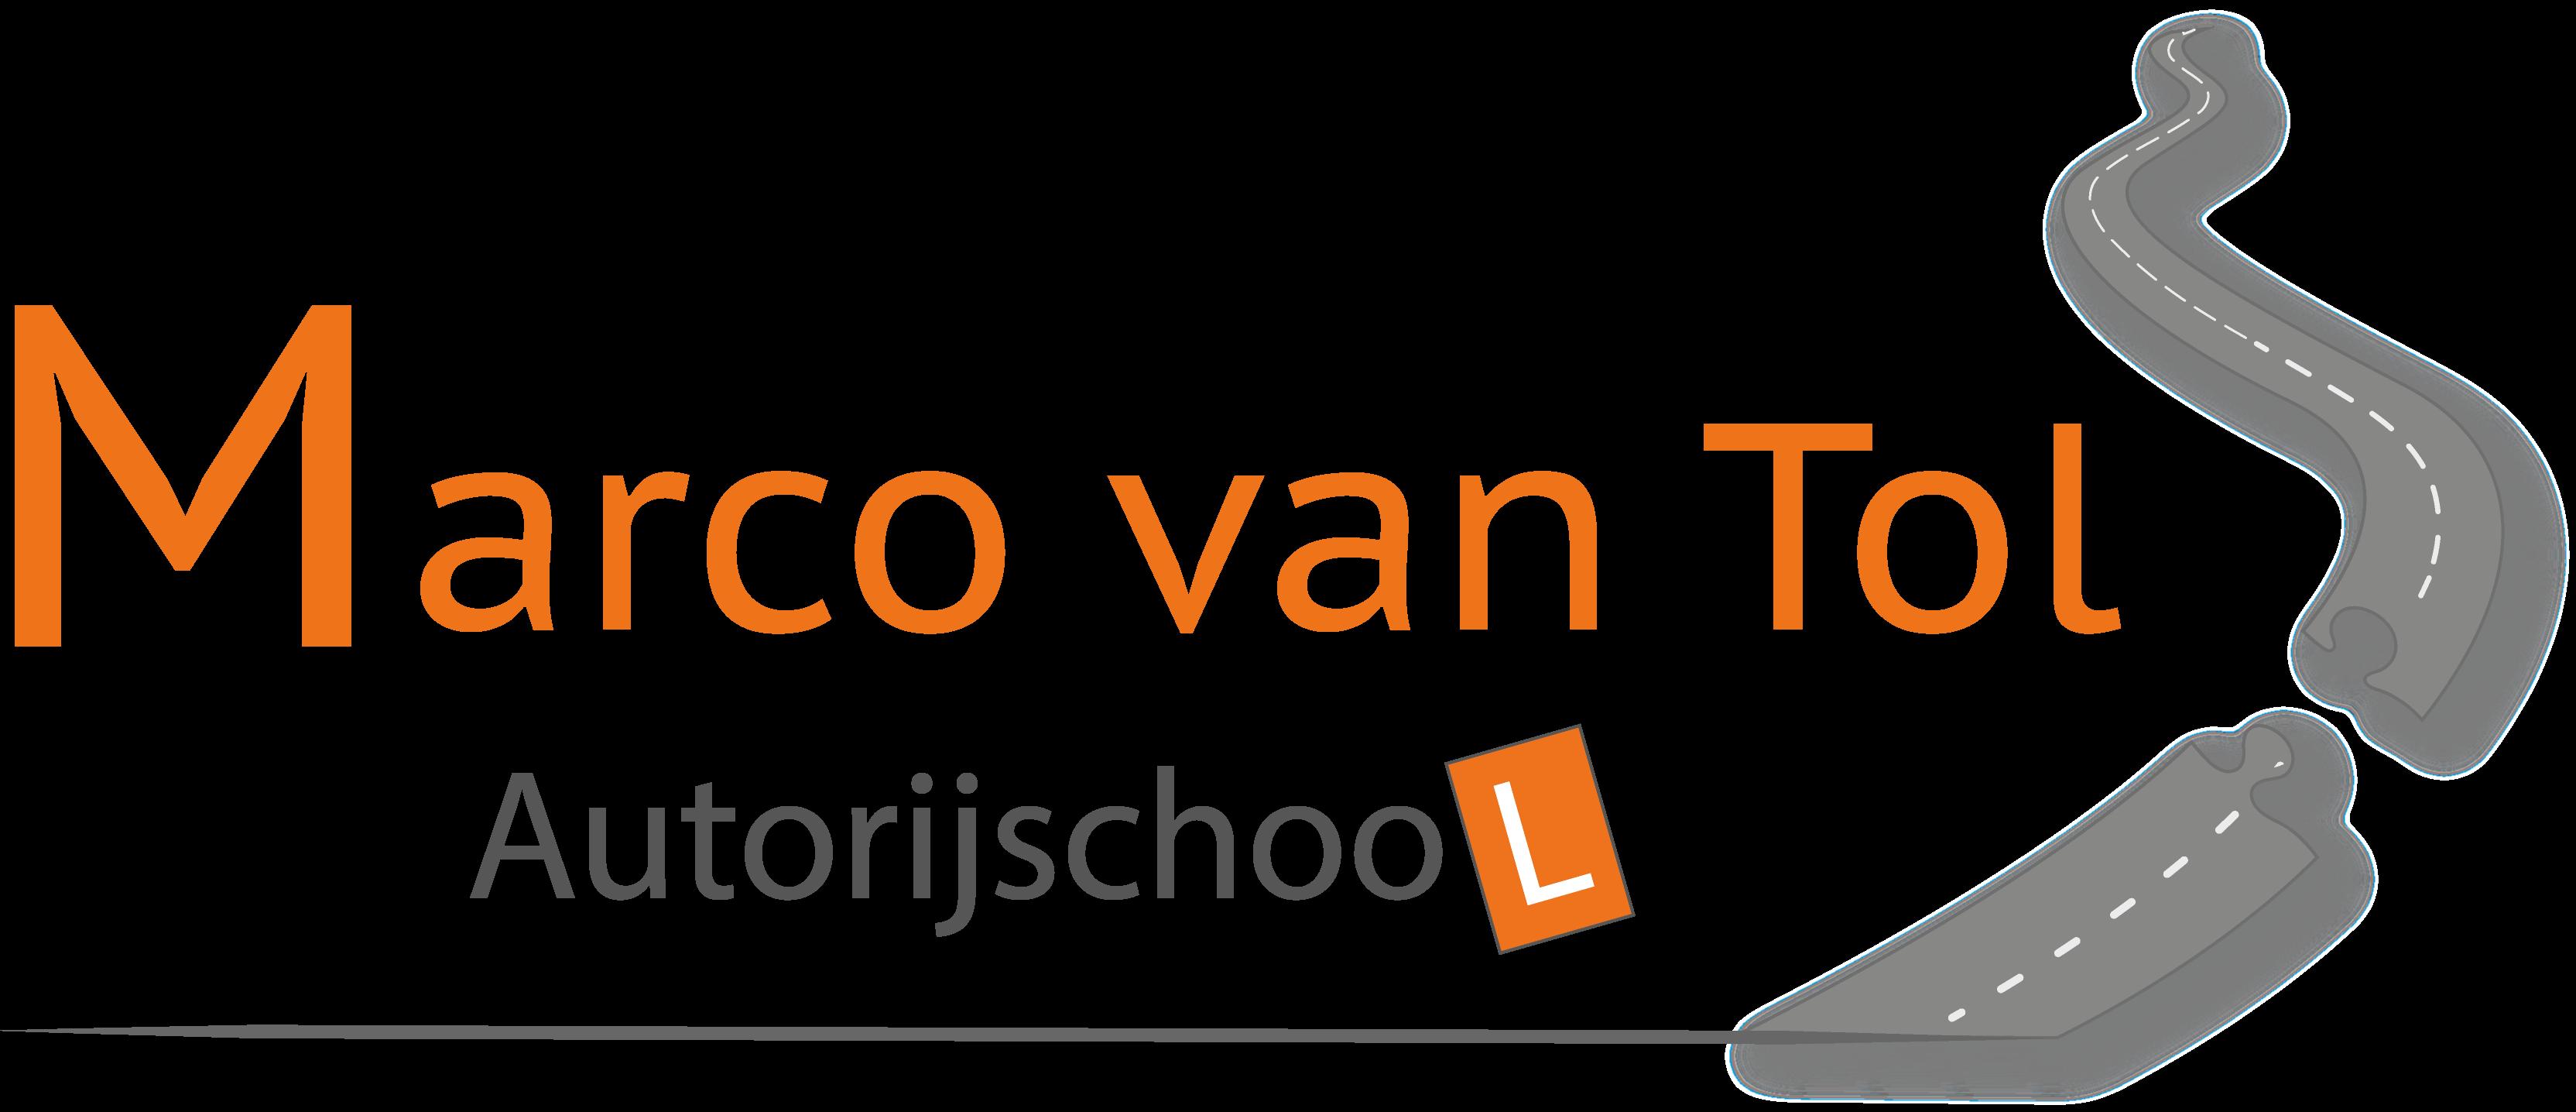 Autorijschool Marco van Tol